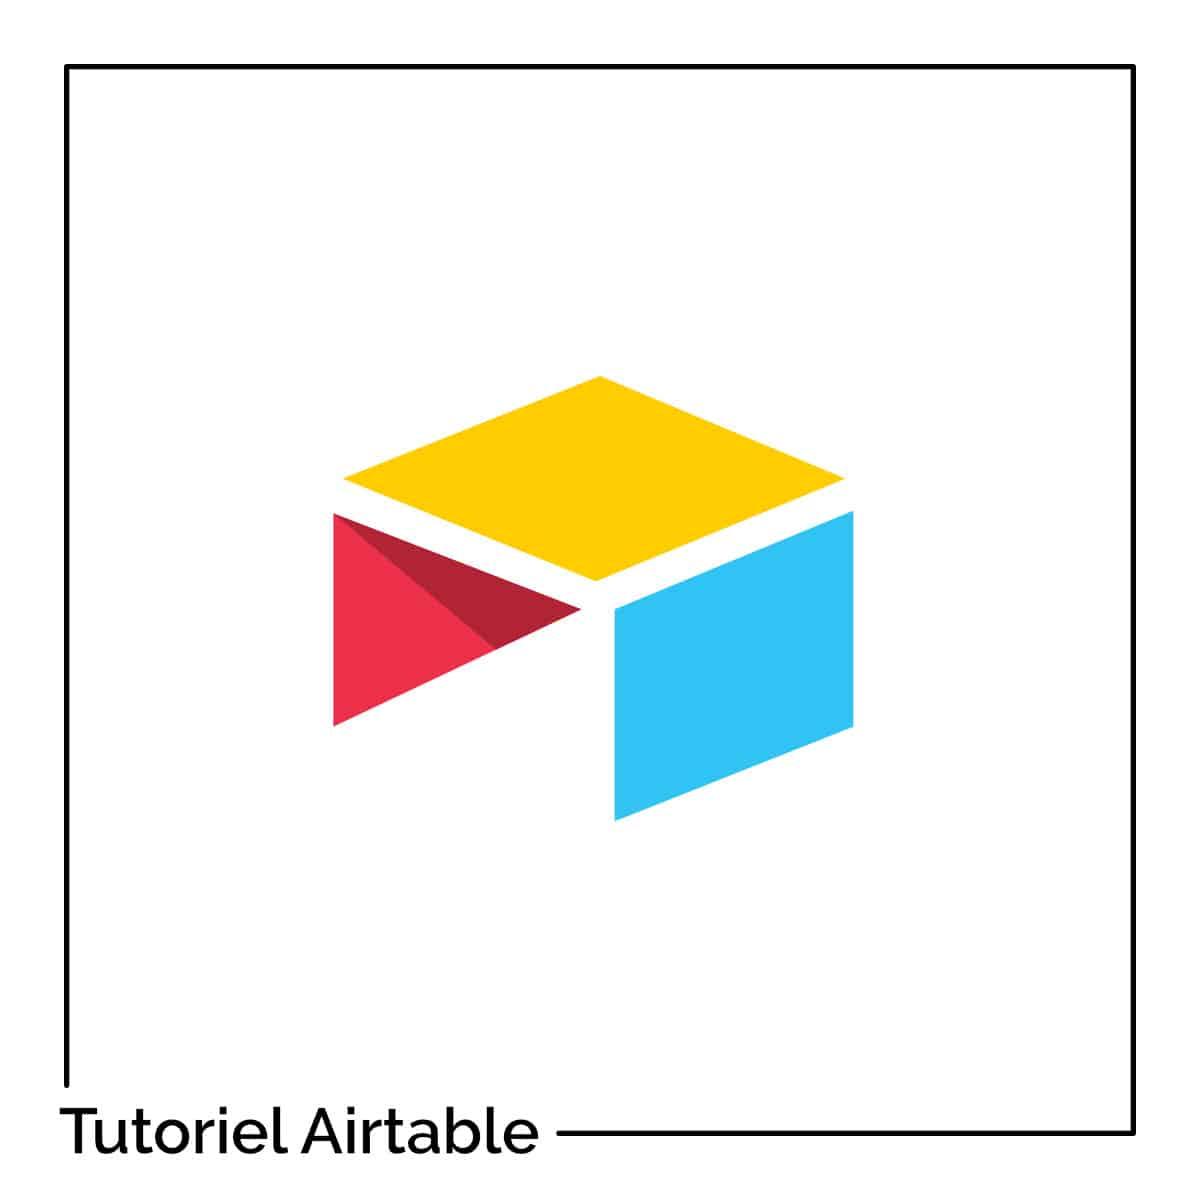 tuto airtable ok